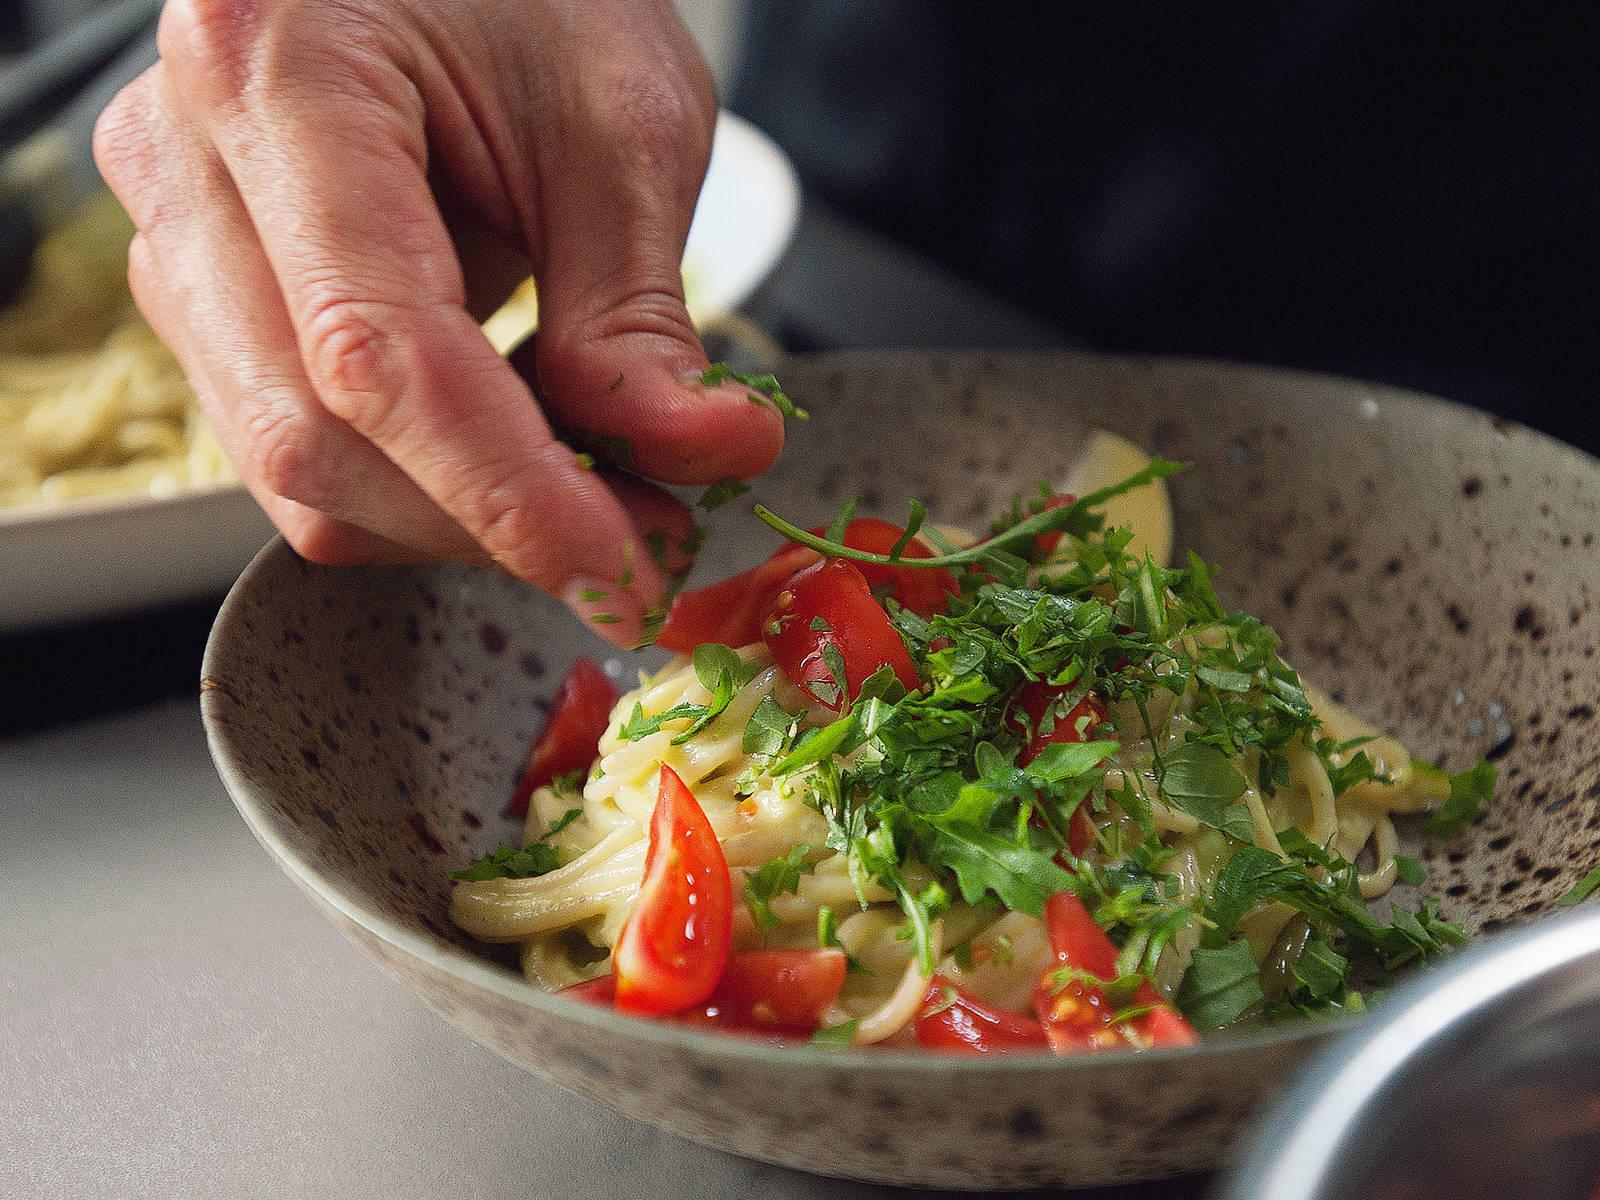 Pasta mit frischem Oregano bestreuen, Rucola dazugeben und sofort servieren. Guten Appetit!